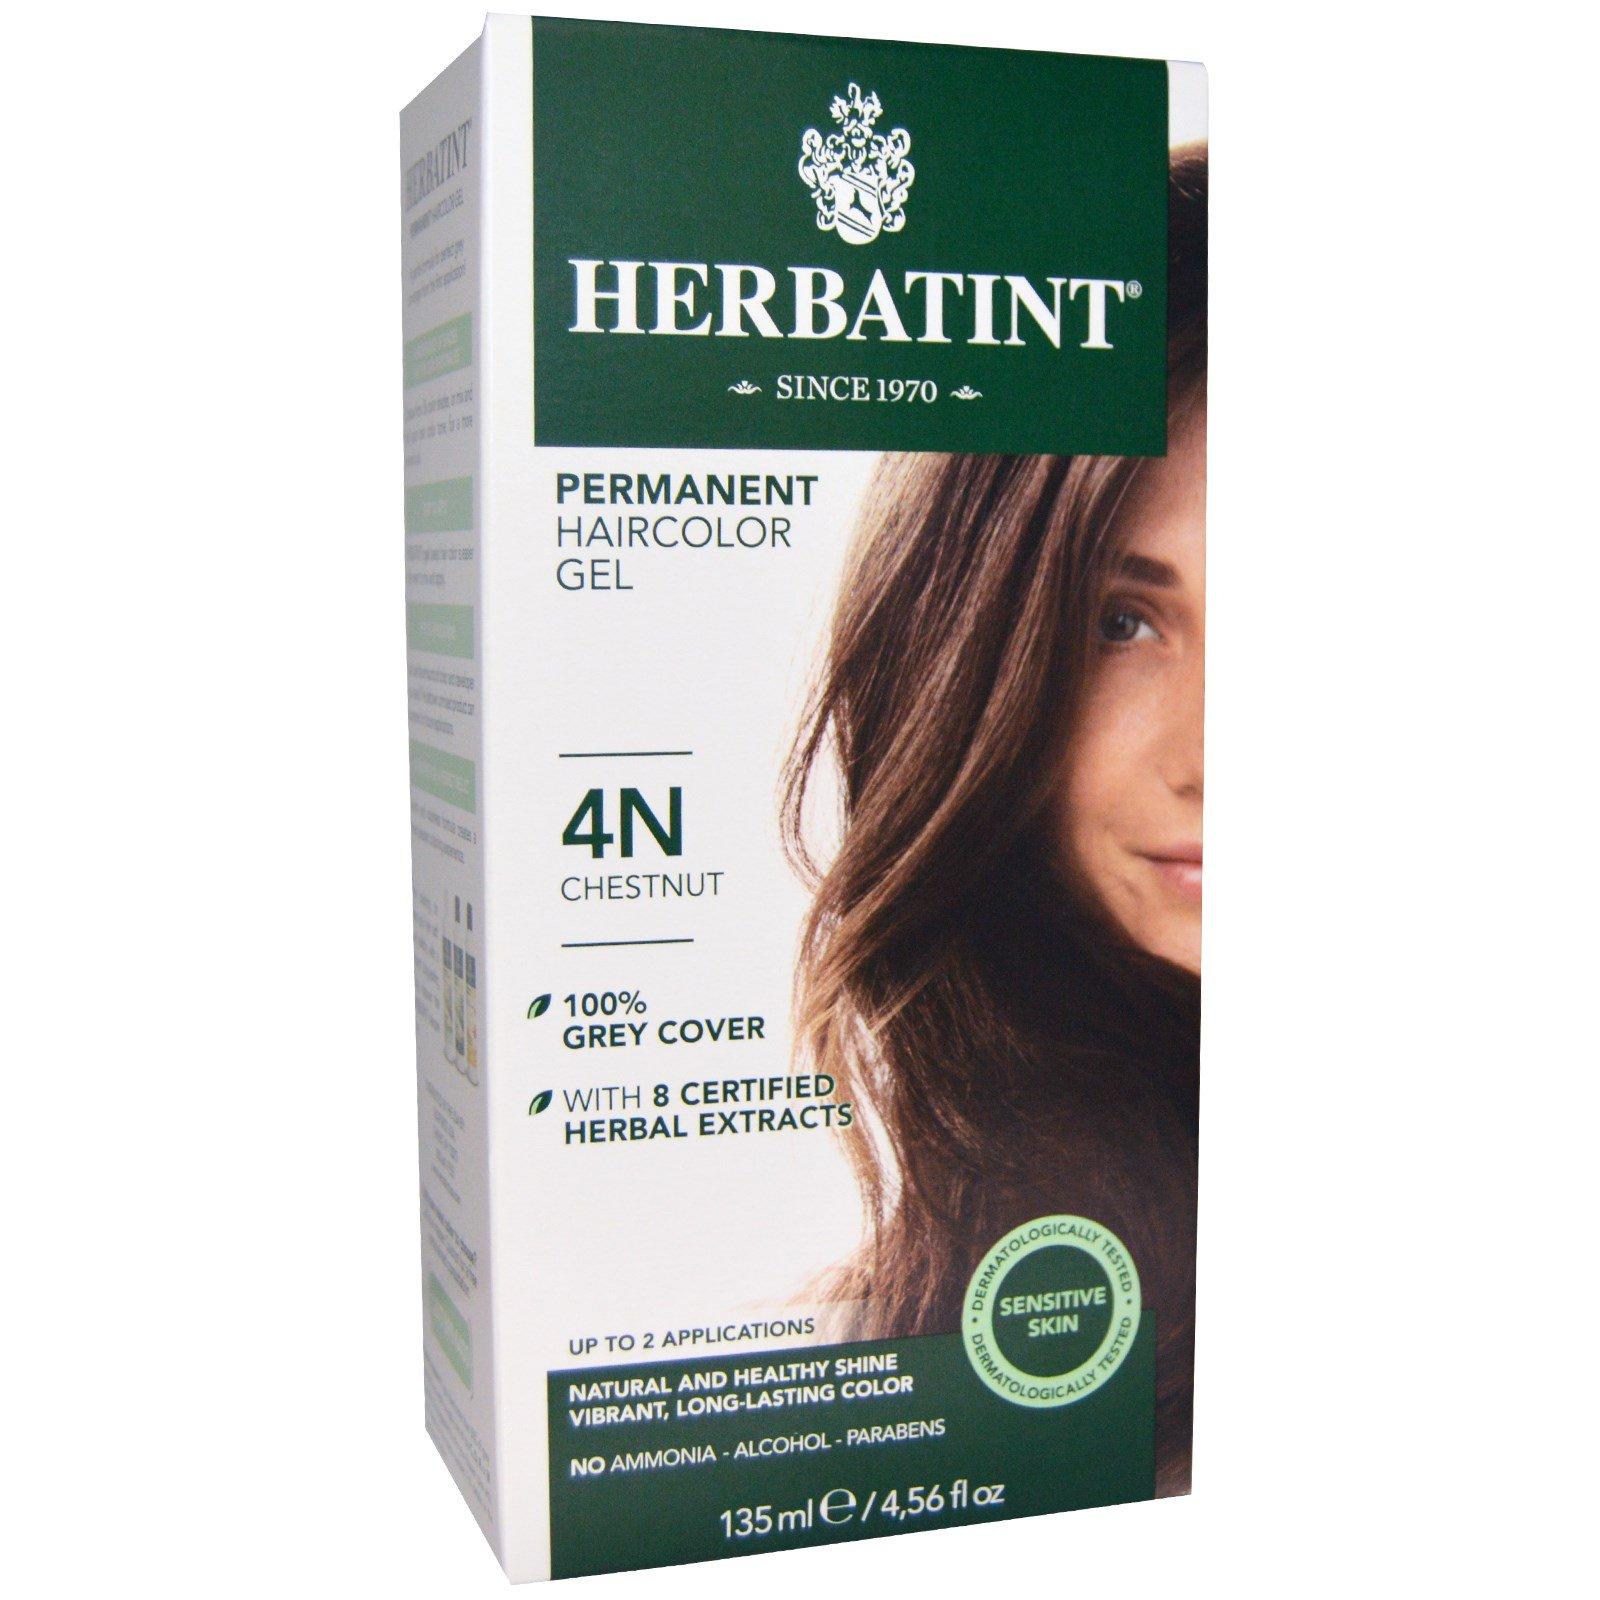 Herbatint, Перманентная растительная краска-гель для волос, 4N, каштан, 4,56 жидкой унции (135 мл)